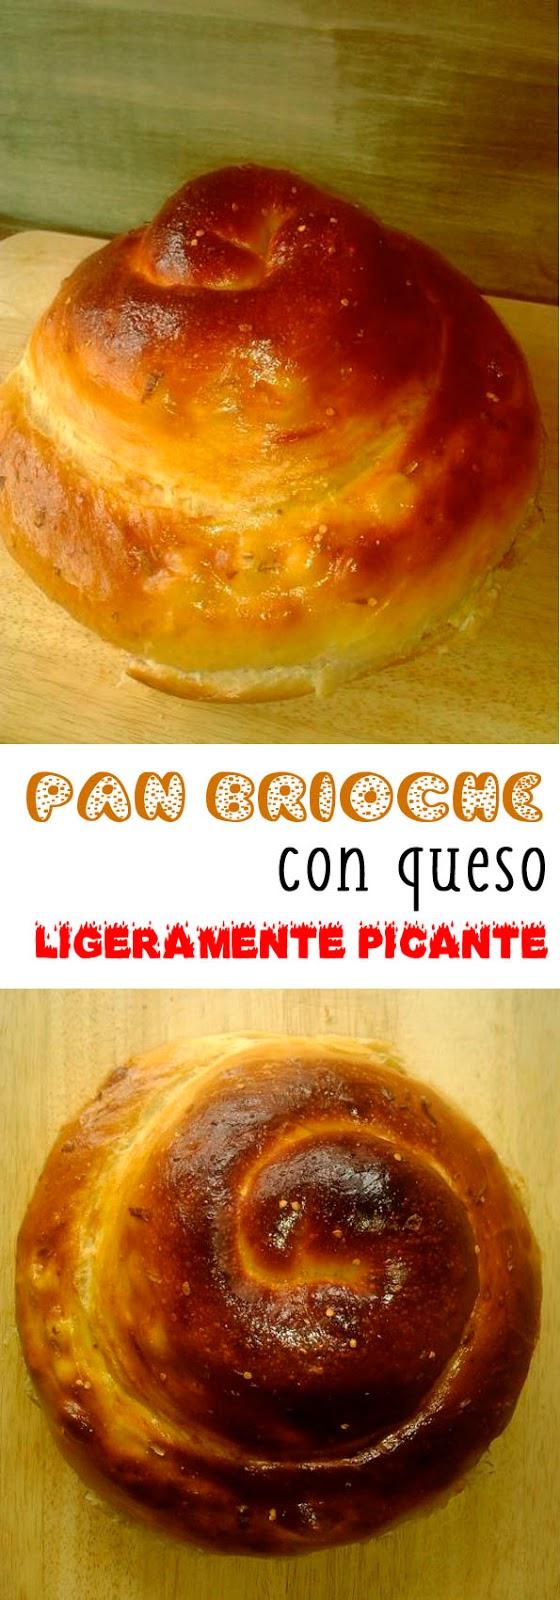 Pan brioche de queso ligeramente picante guindilla panificadora receta estados unidos americana wisconsin cheese bread america's test kitchen la cocinera novata